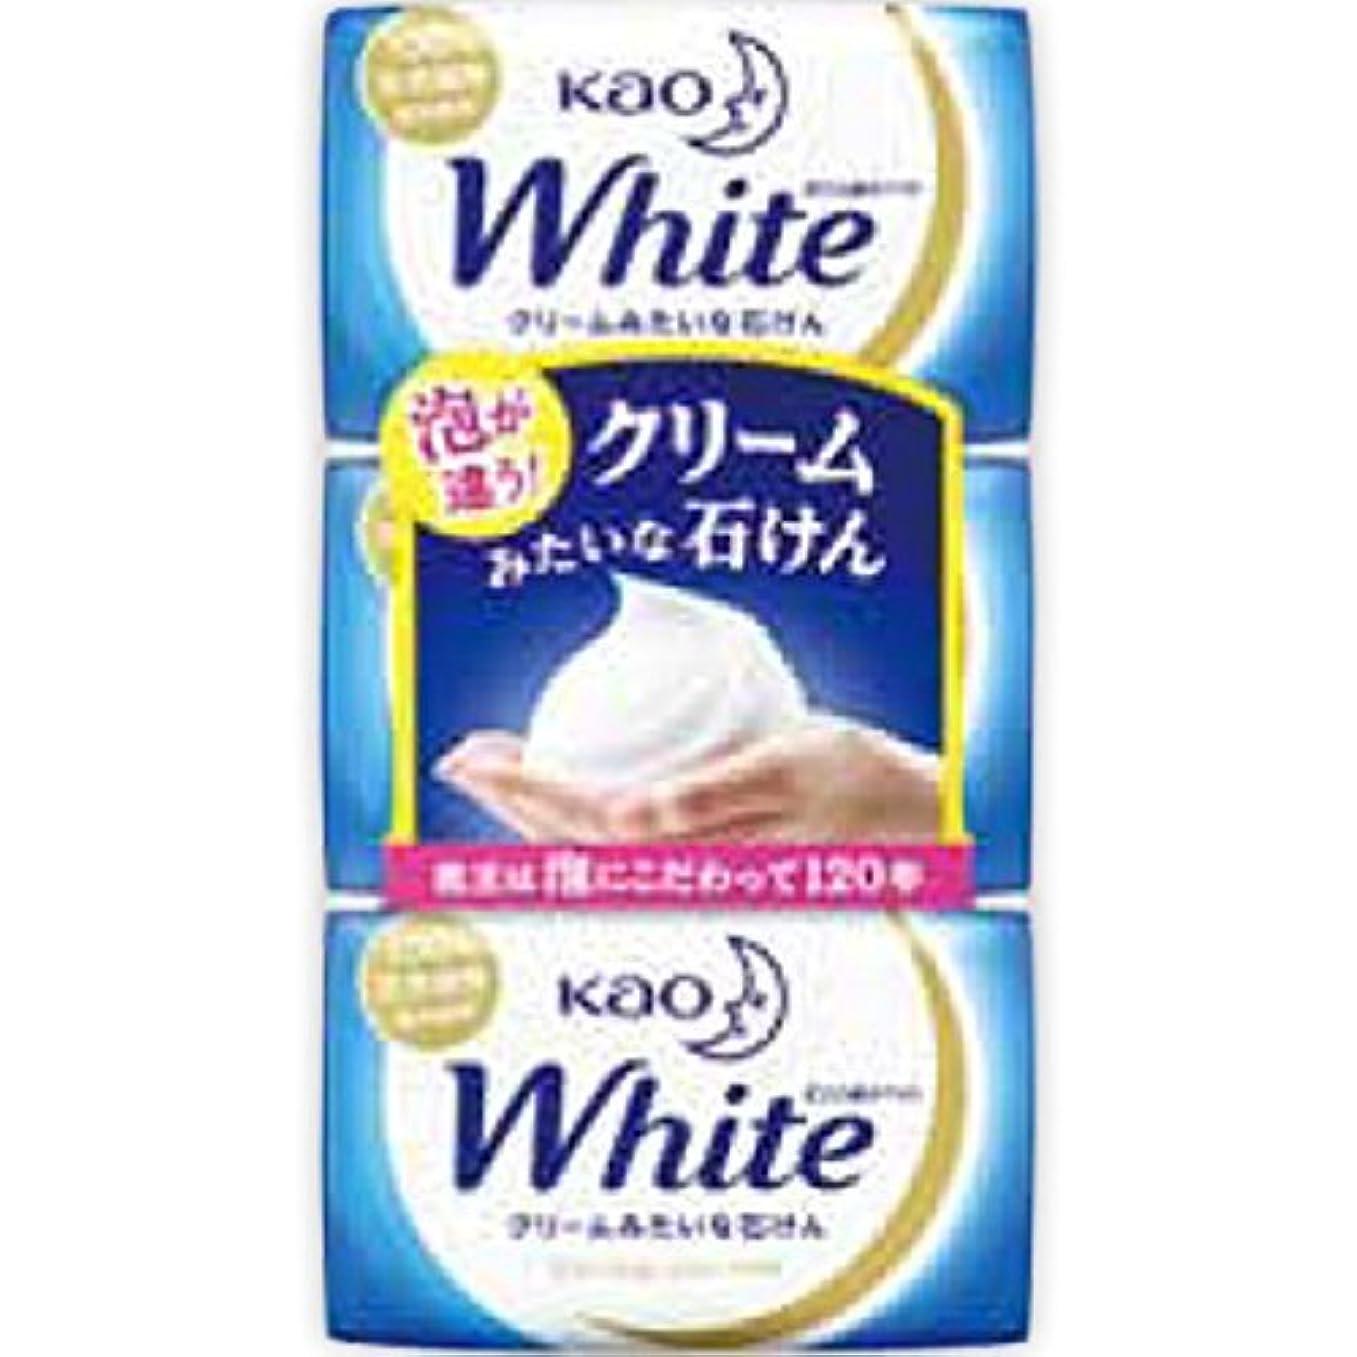 寮初心者カウントアップ花王ホワイト レギュラーサイズ 85g*3個入